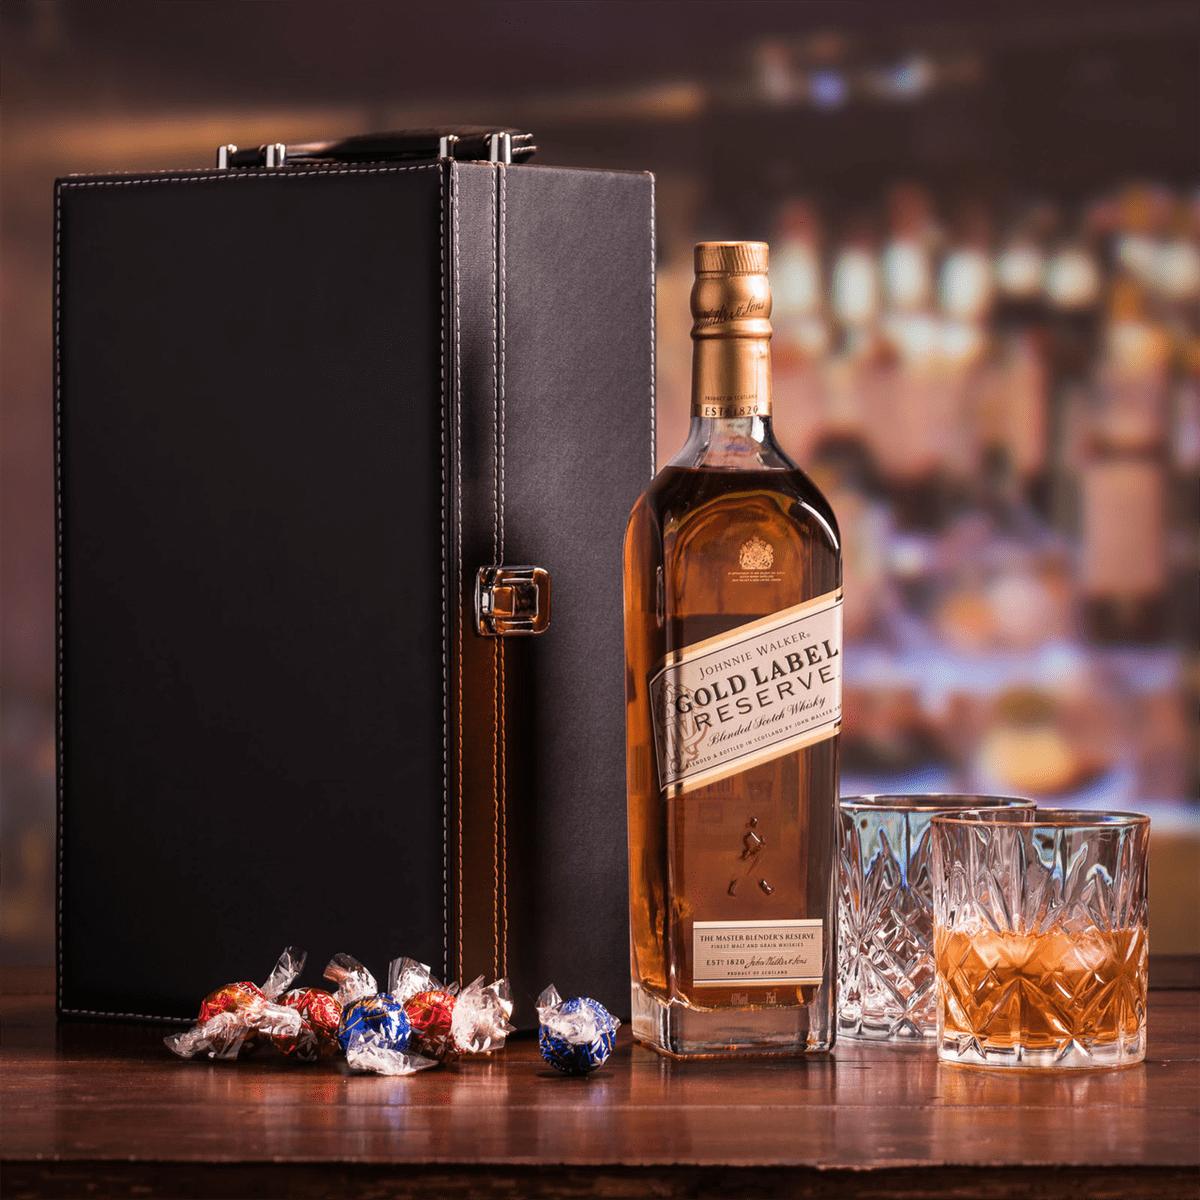 Виски джонни уокер блэк лейбл 12 лет или виски гленфиддик 12 лет туба - что лучше, что выбрать: сравнение 2020